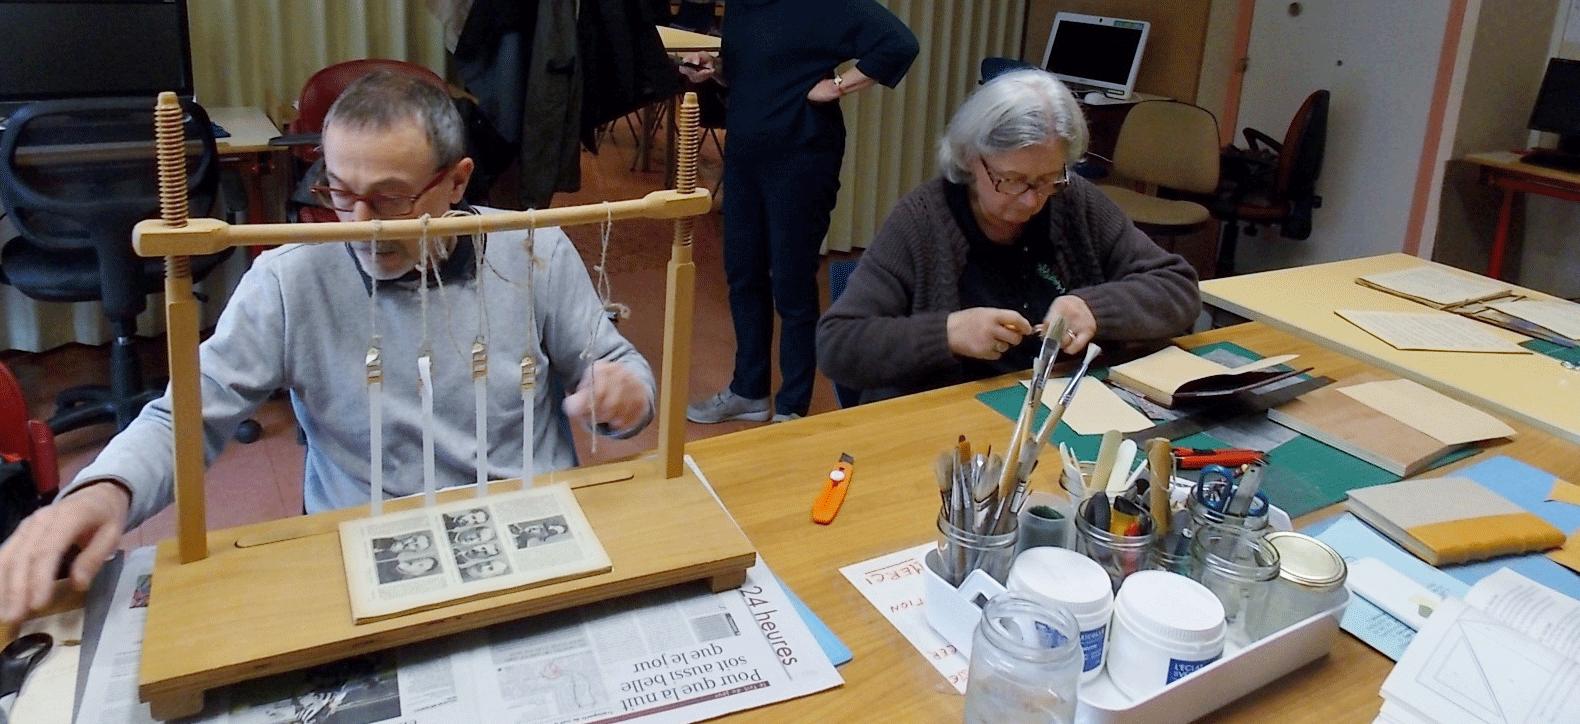 Atelier reliure avec Amitié Solidarité 31.